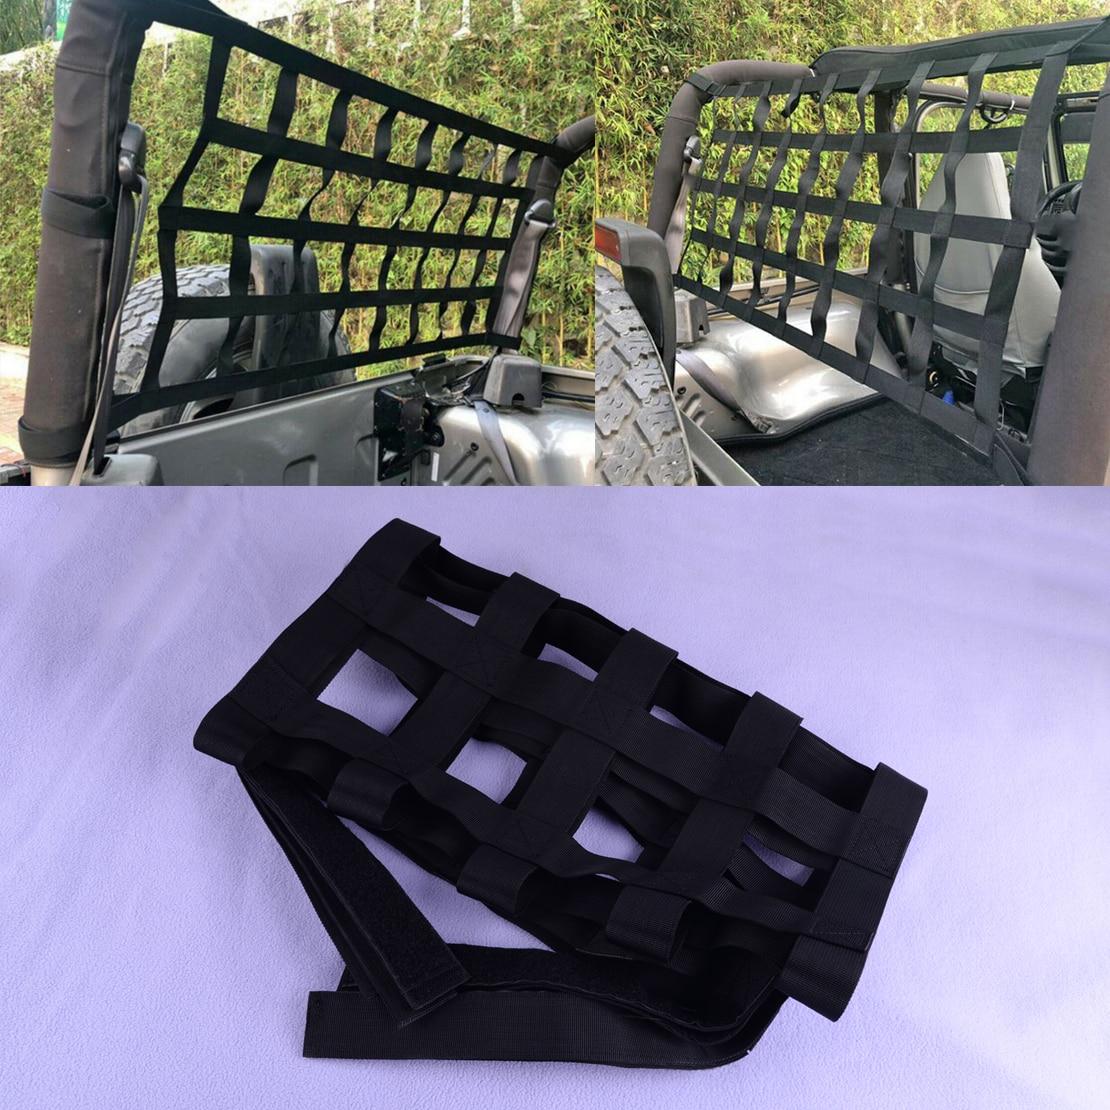 Beler de poliéster negro ventana almacenamiento adicional para carga de techo neto hamaca apto para Jeep Wrangler JK TJ 1997-2014, 2015, 2016, 2017 Modelo a escala de 5 uds material de construcción techos de láminas de PVC en tamaño 210x300mm para diseño de la arquitectura